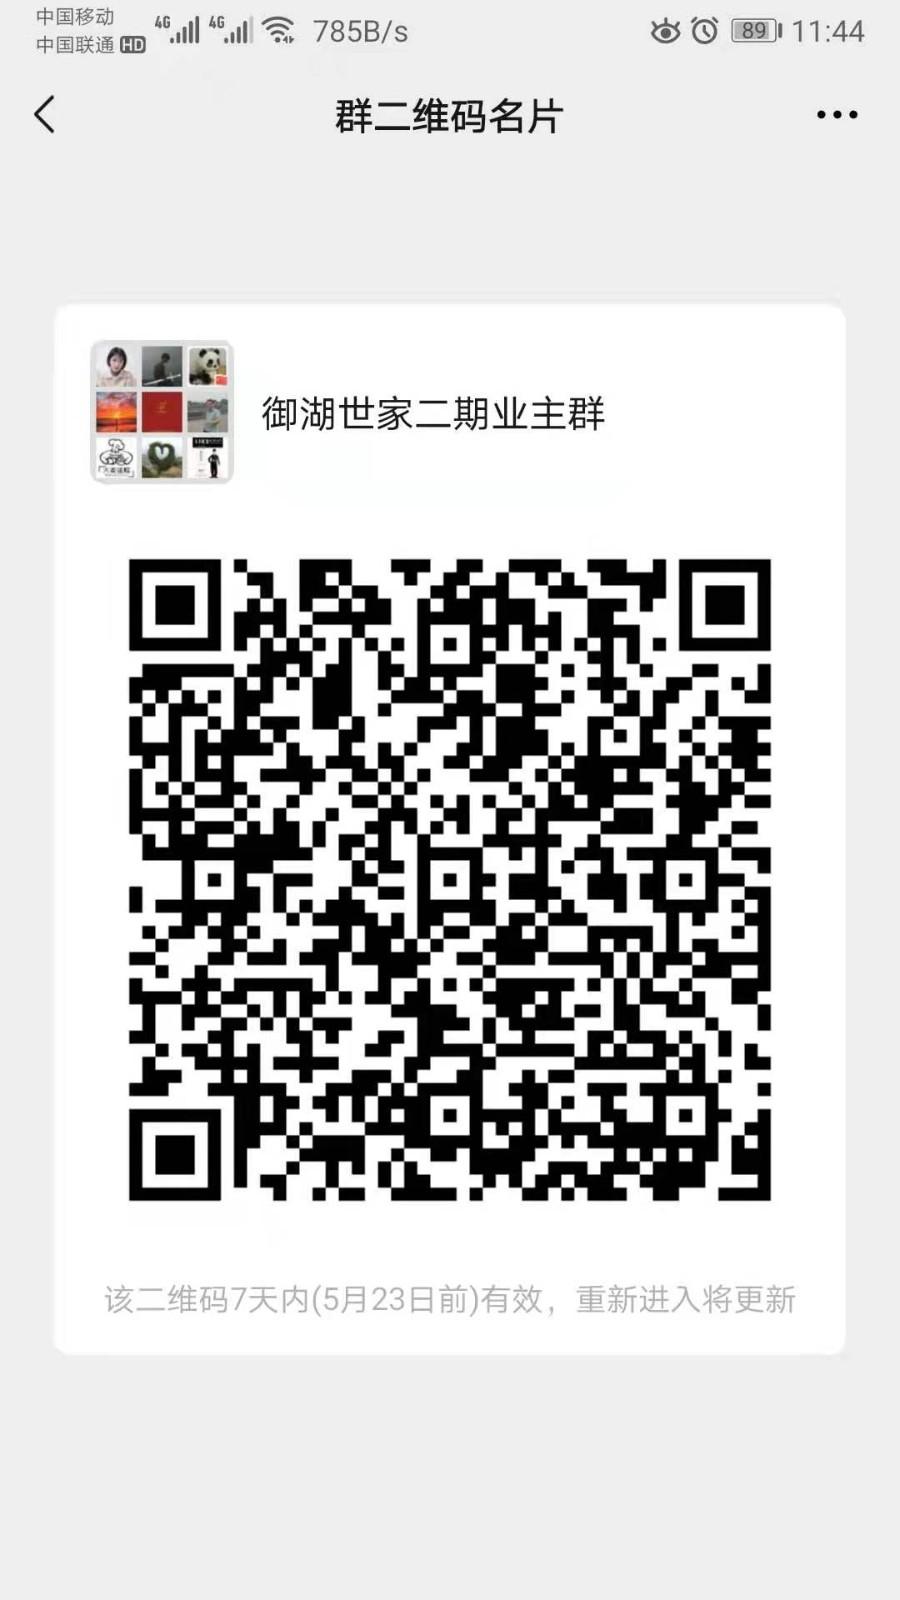 微信图片_20210516114511.jpg